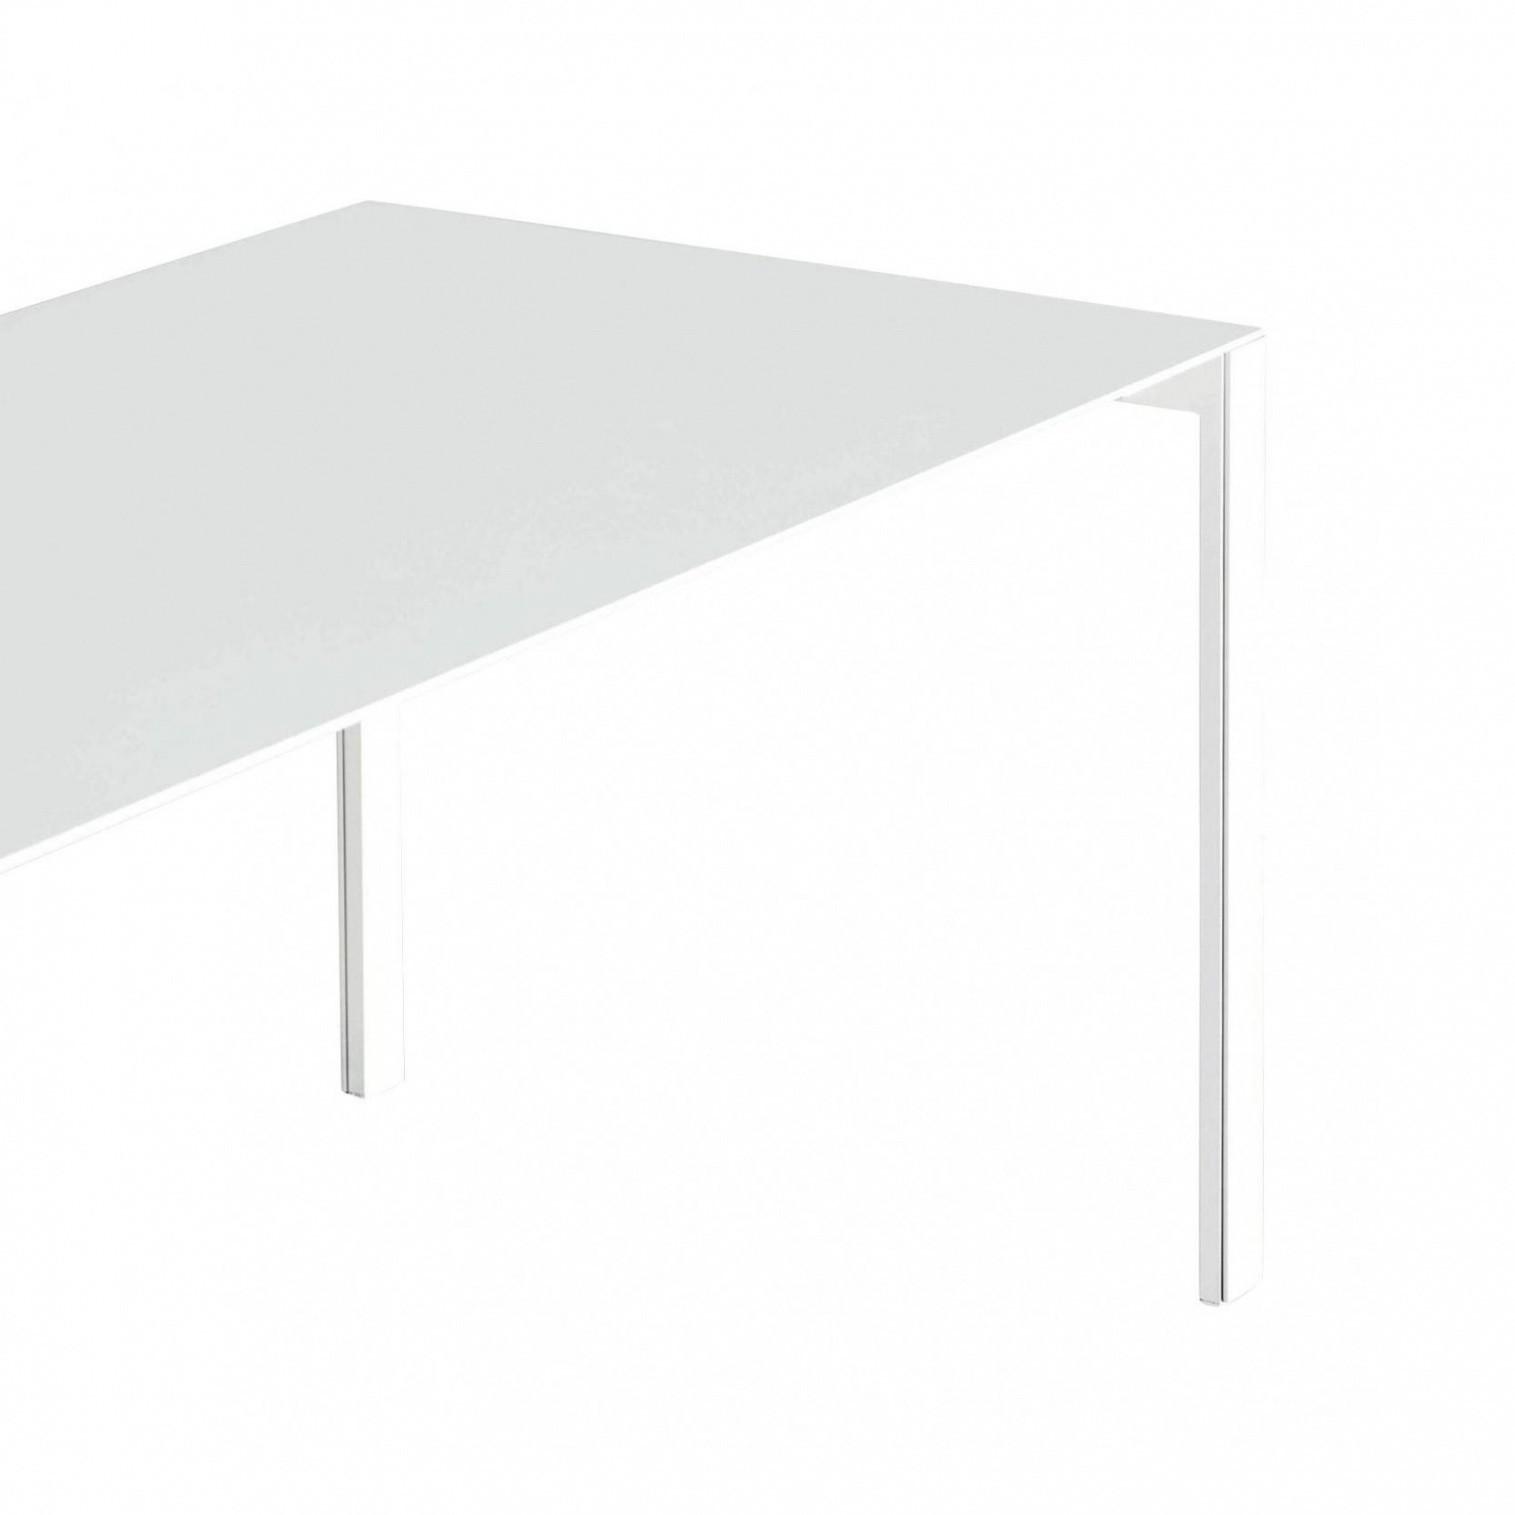 K Aluminium Extensible Table Thin Thin w0Nnvm8O